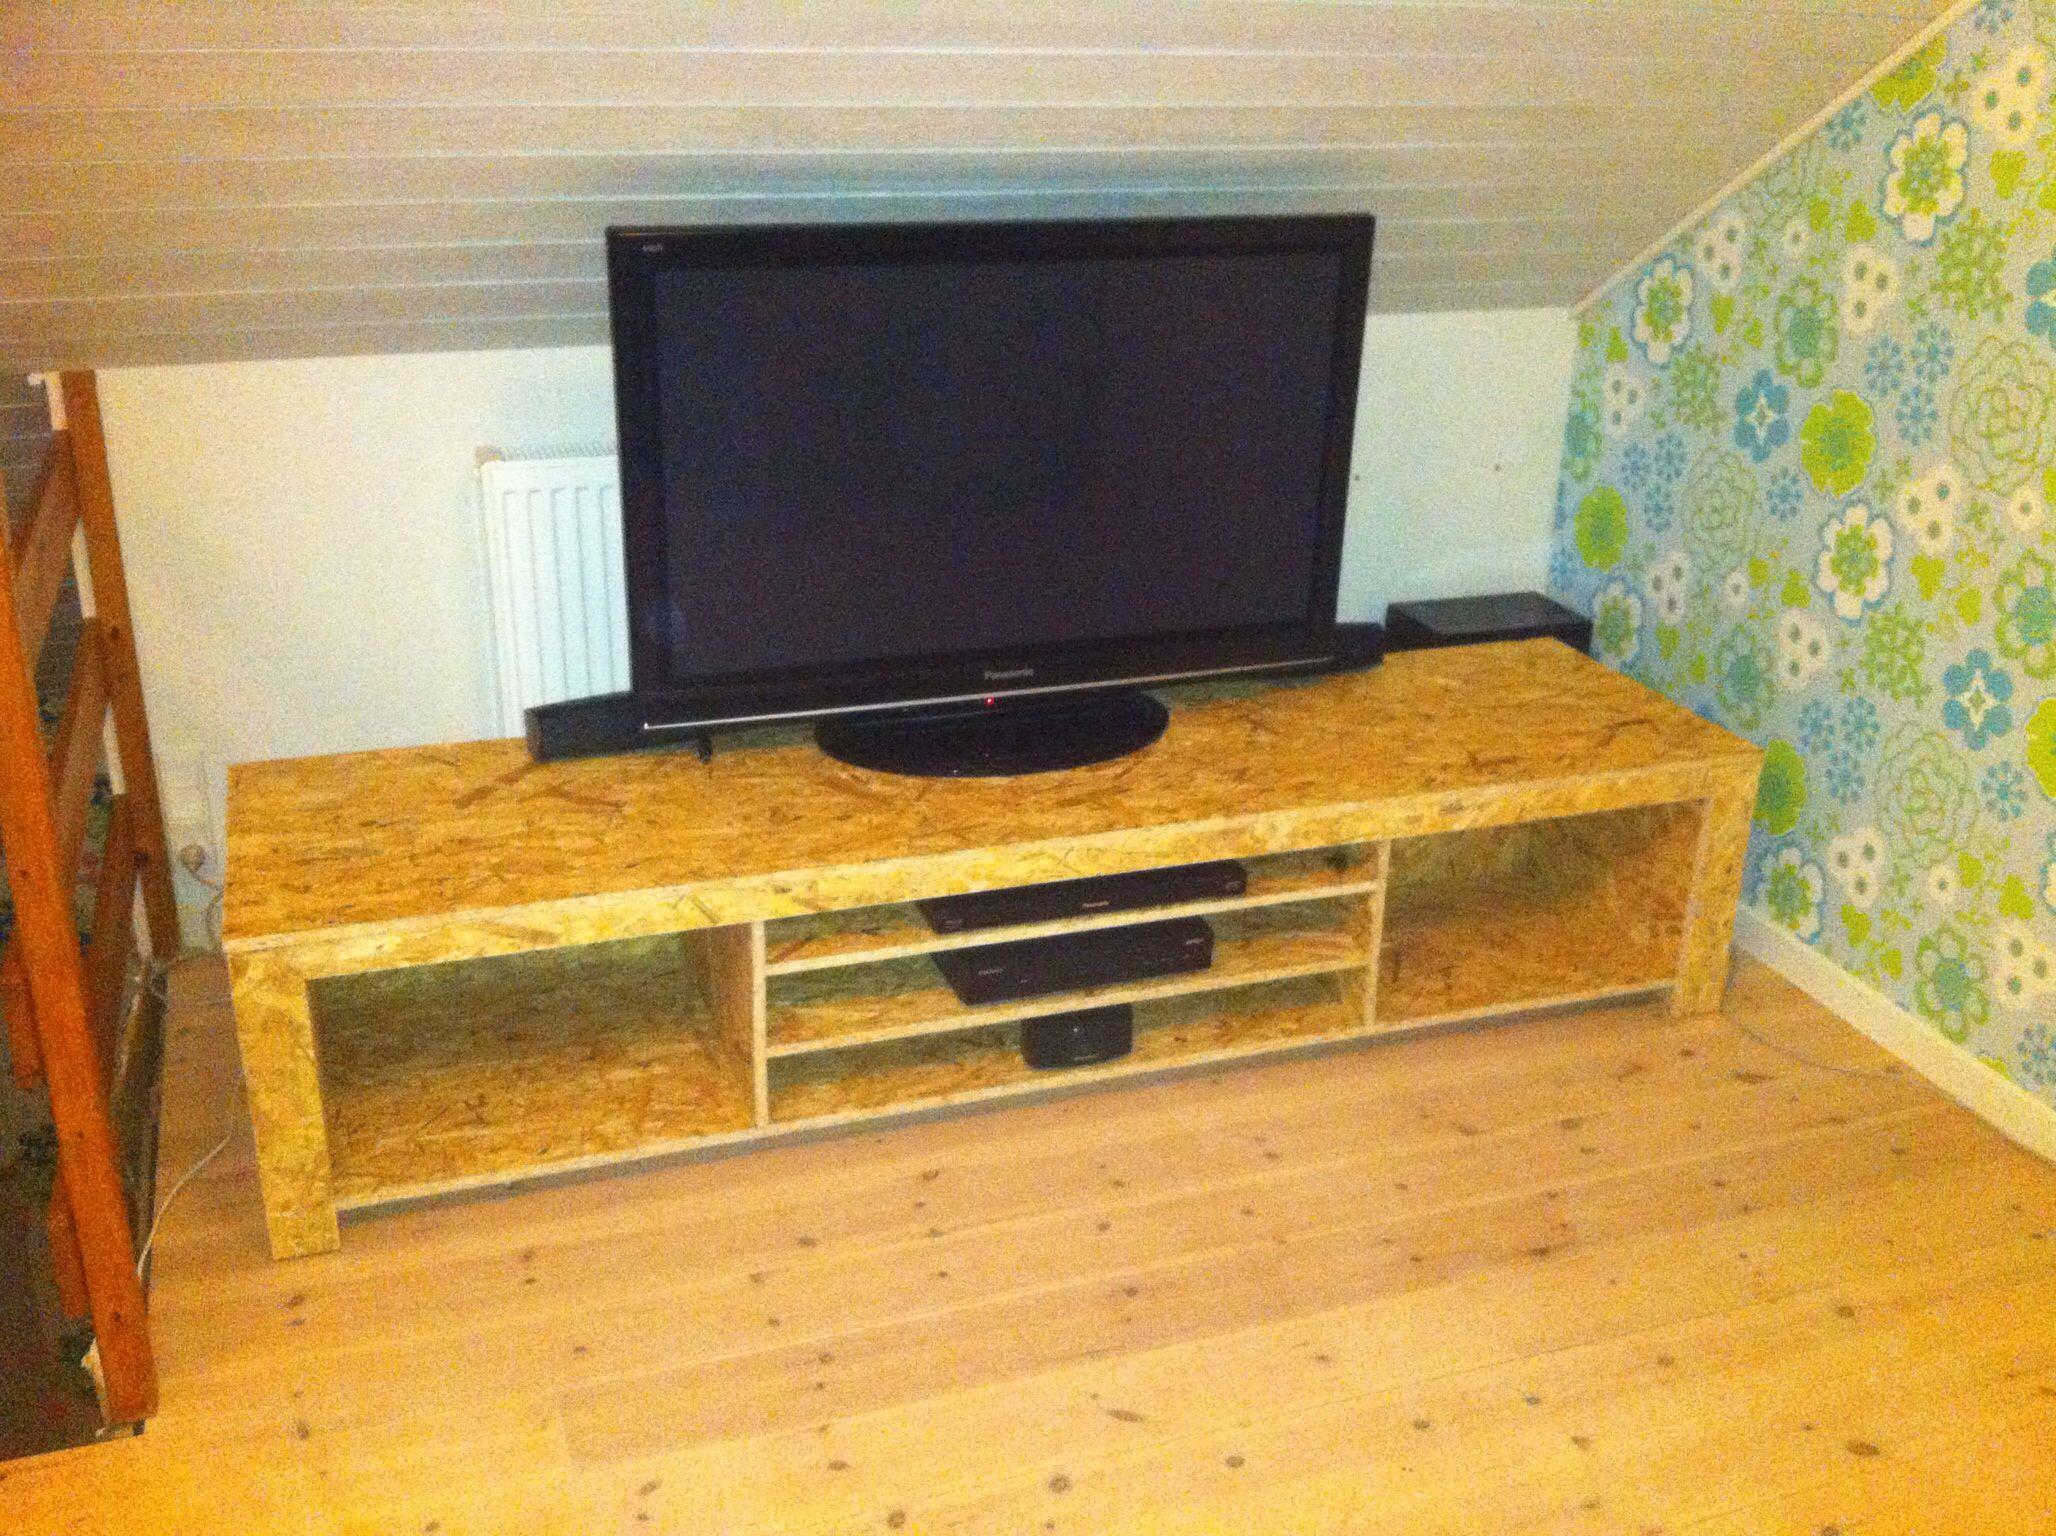 diy tv bench or tv table in osb wood carpenter ideas. Black Bedroom Furniture Sets. Home Design Ideas